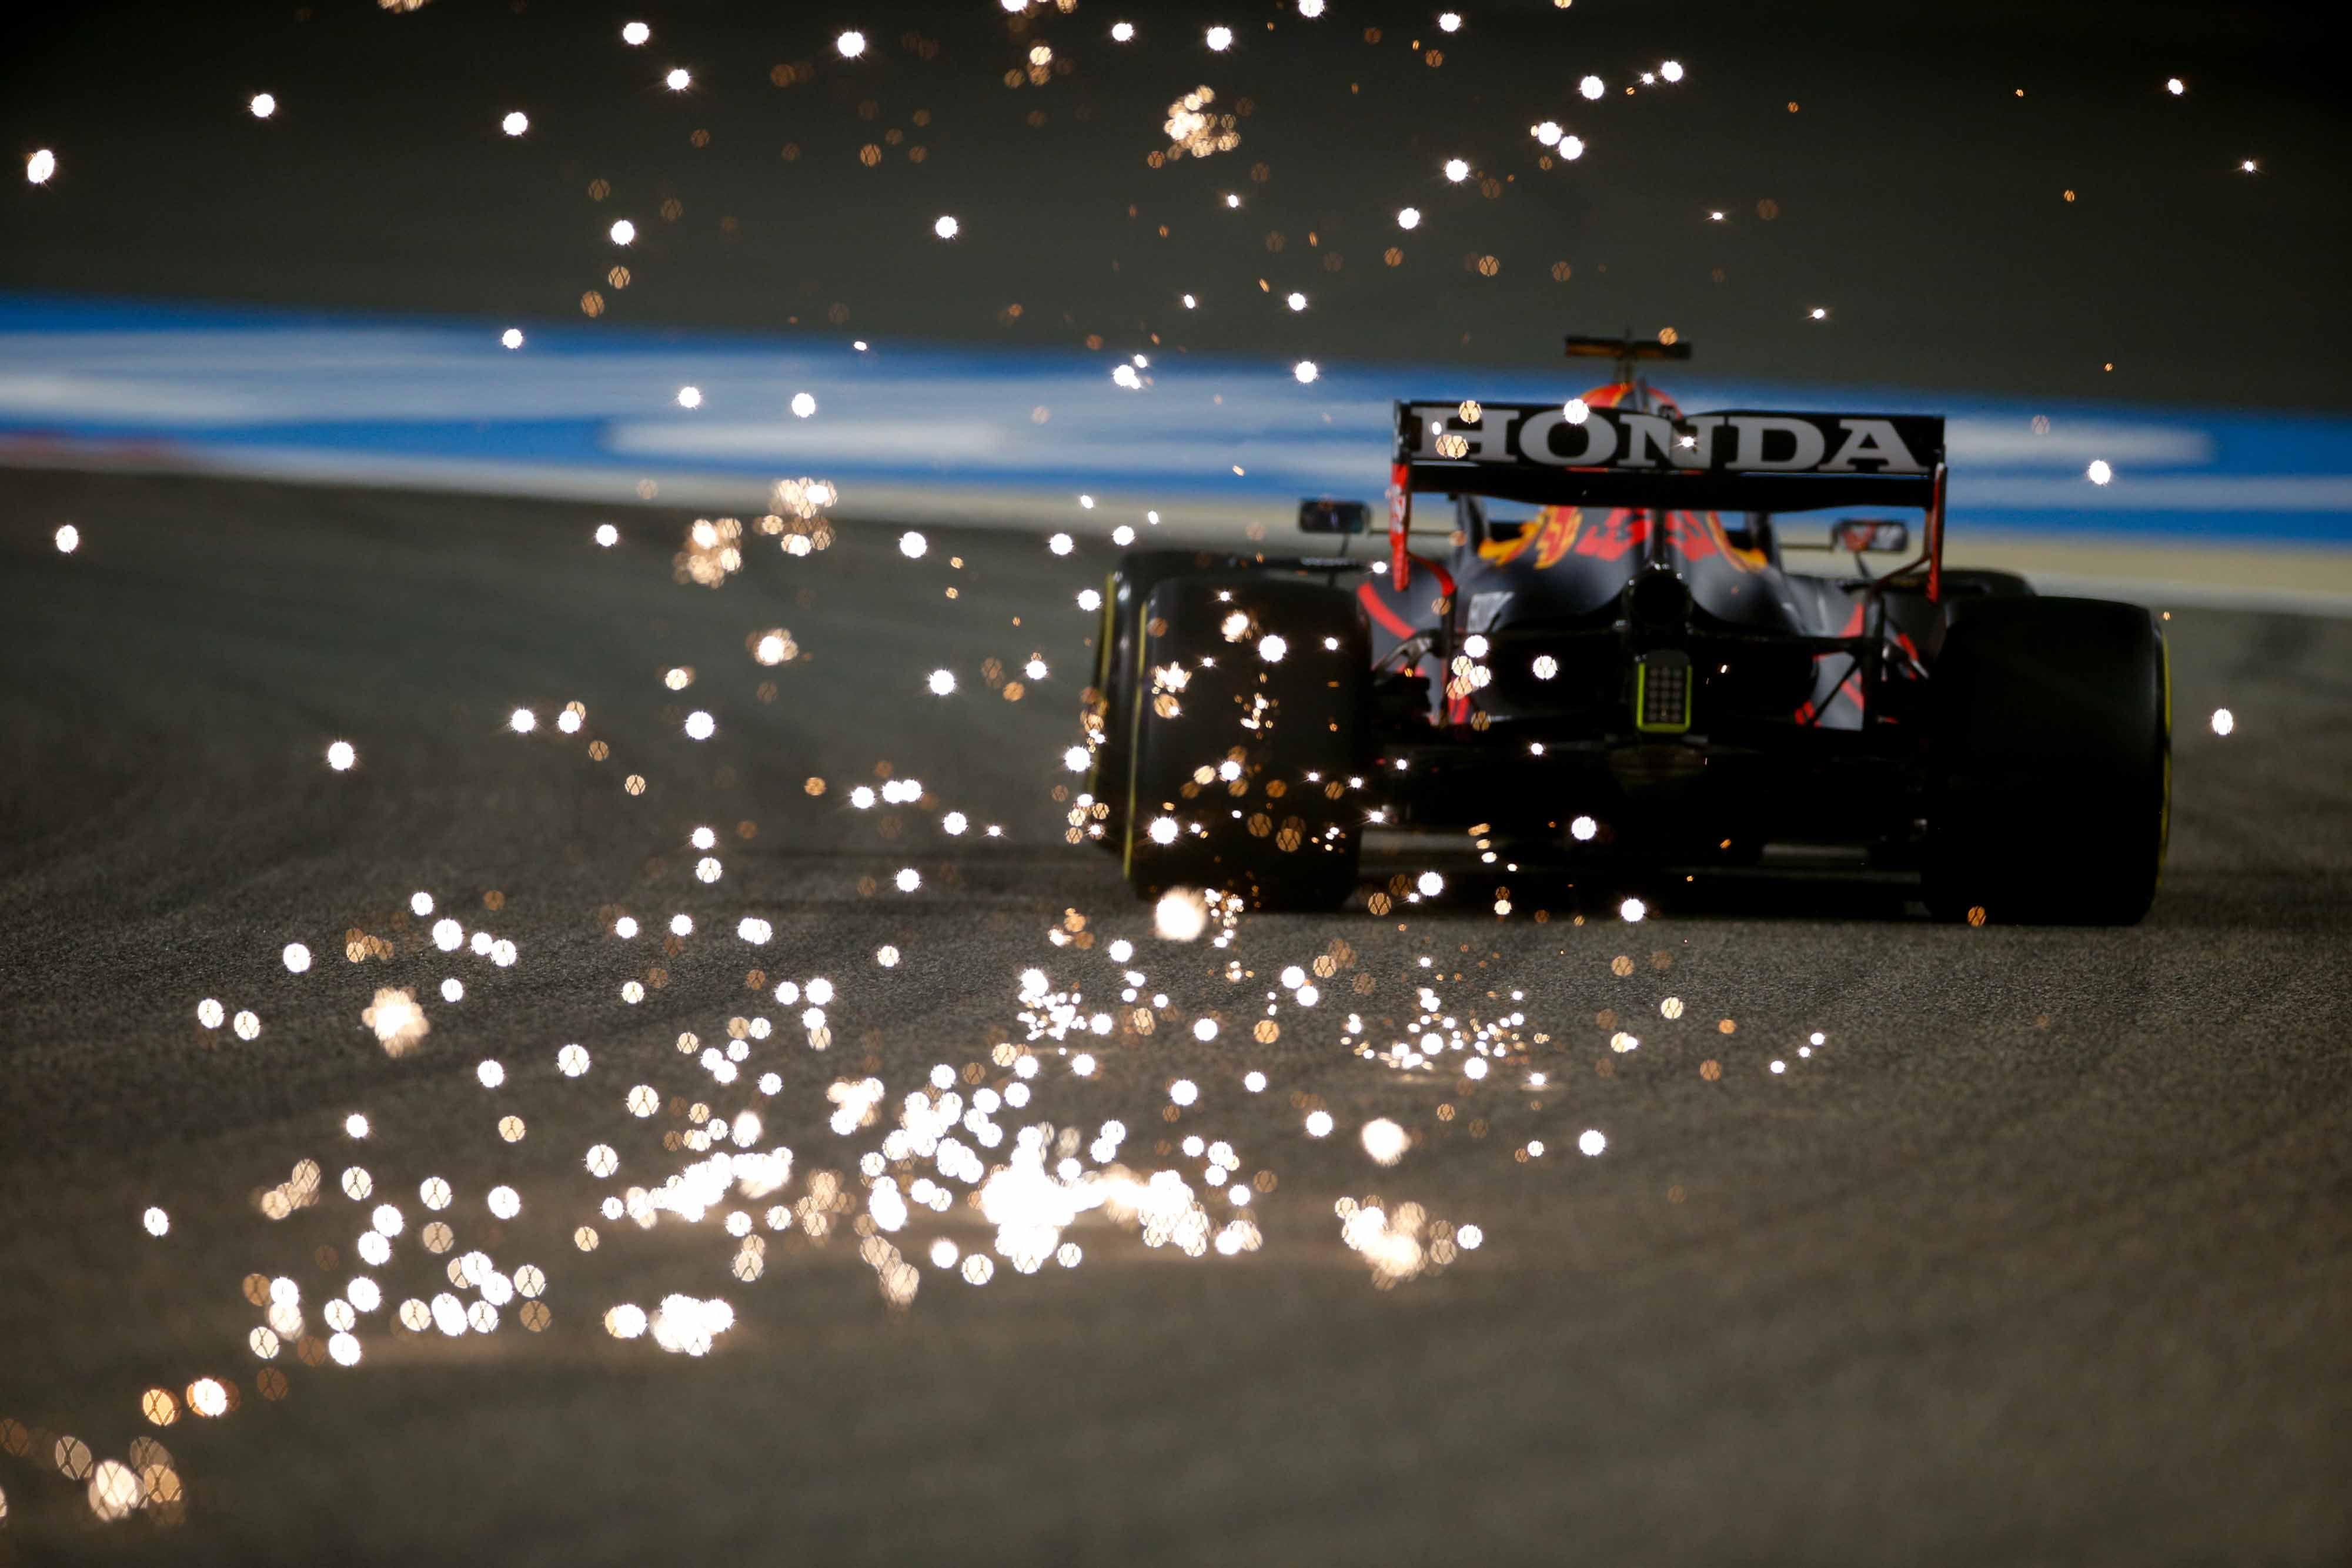 Ферстаппен выиграл квалификацию Гран-при Бахрейна: все результаты